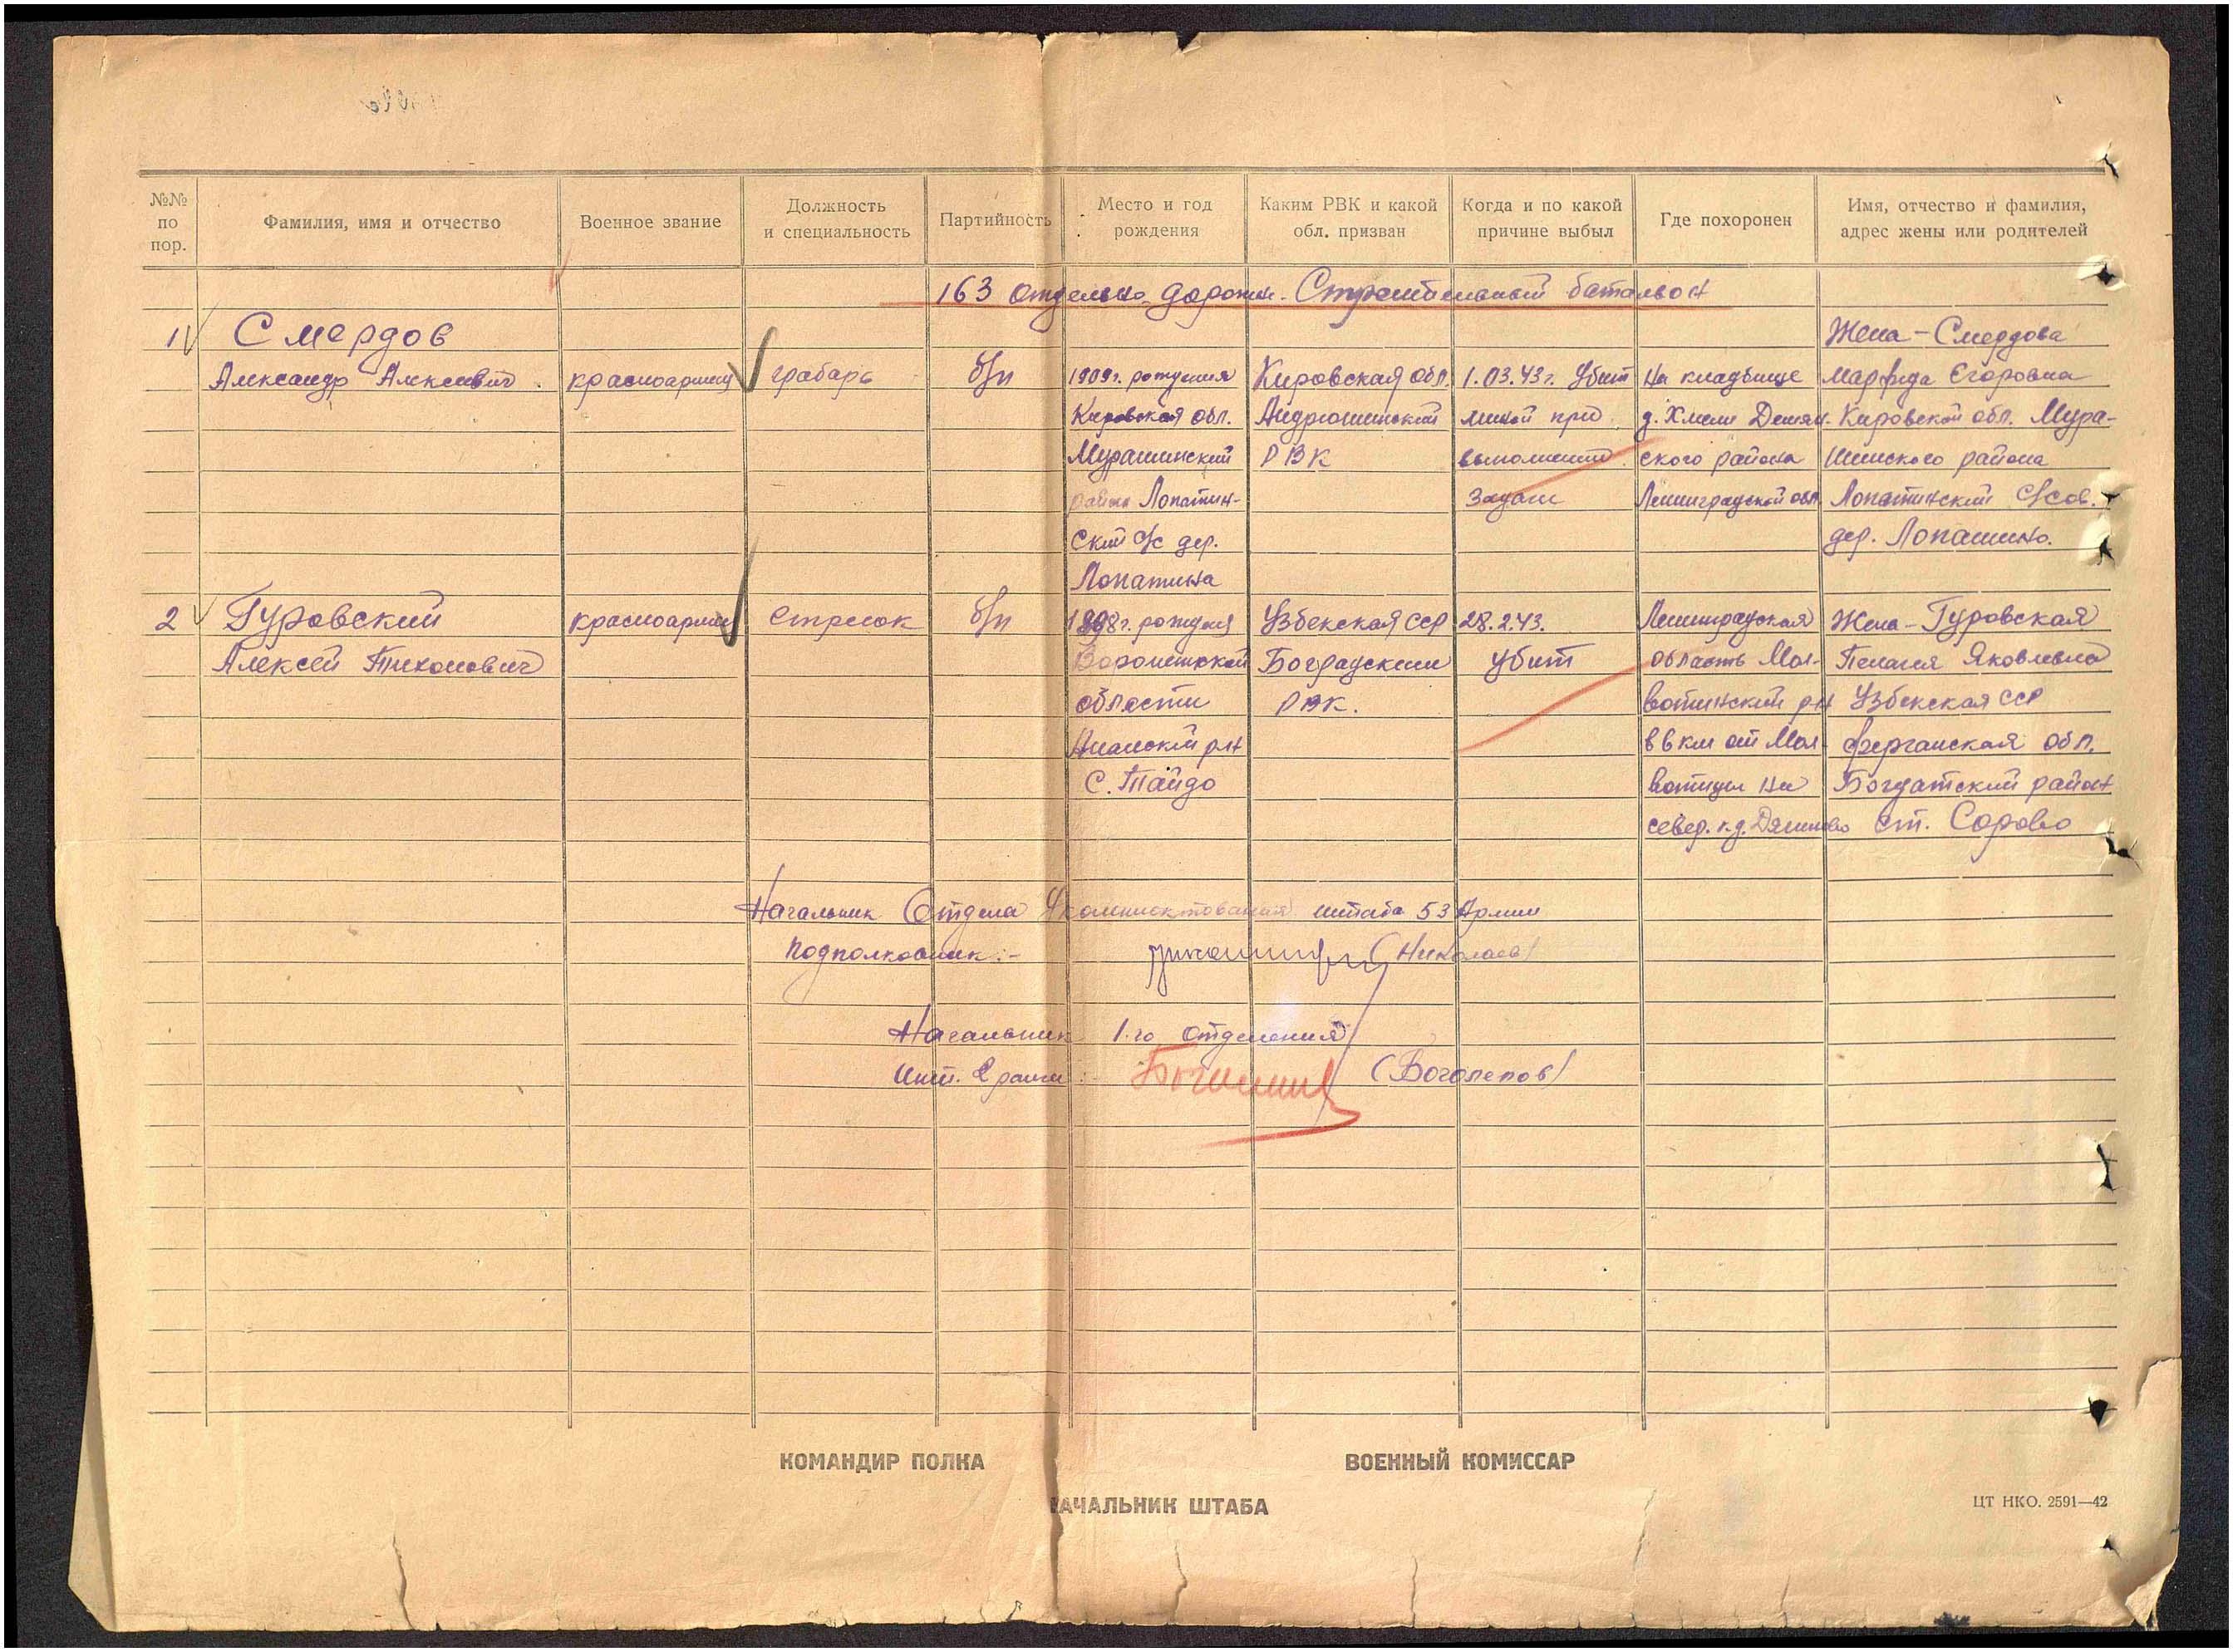 Донесение о гибели Смердова Алексея Александровича, 163 отдельный дорожный строительный батальон. Список безвозвратных потерь с 1.03 по 20.03.1943 года.. Смердов